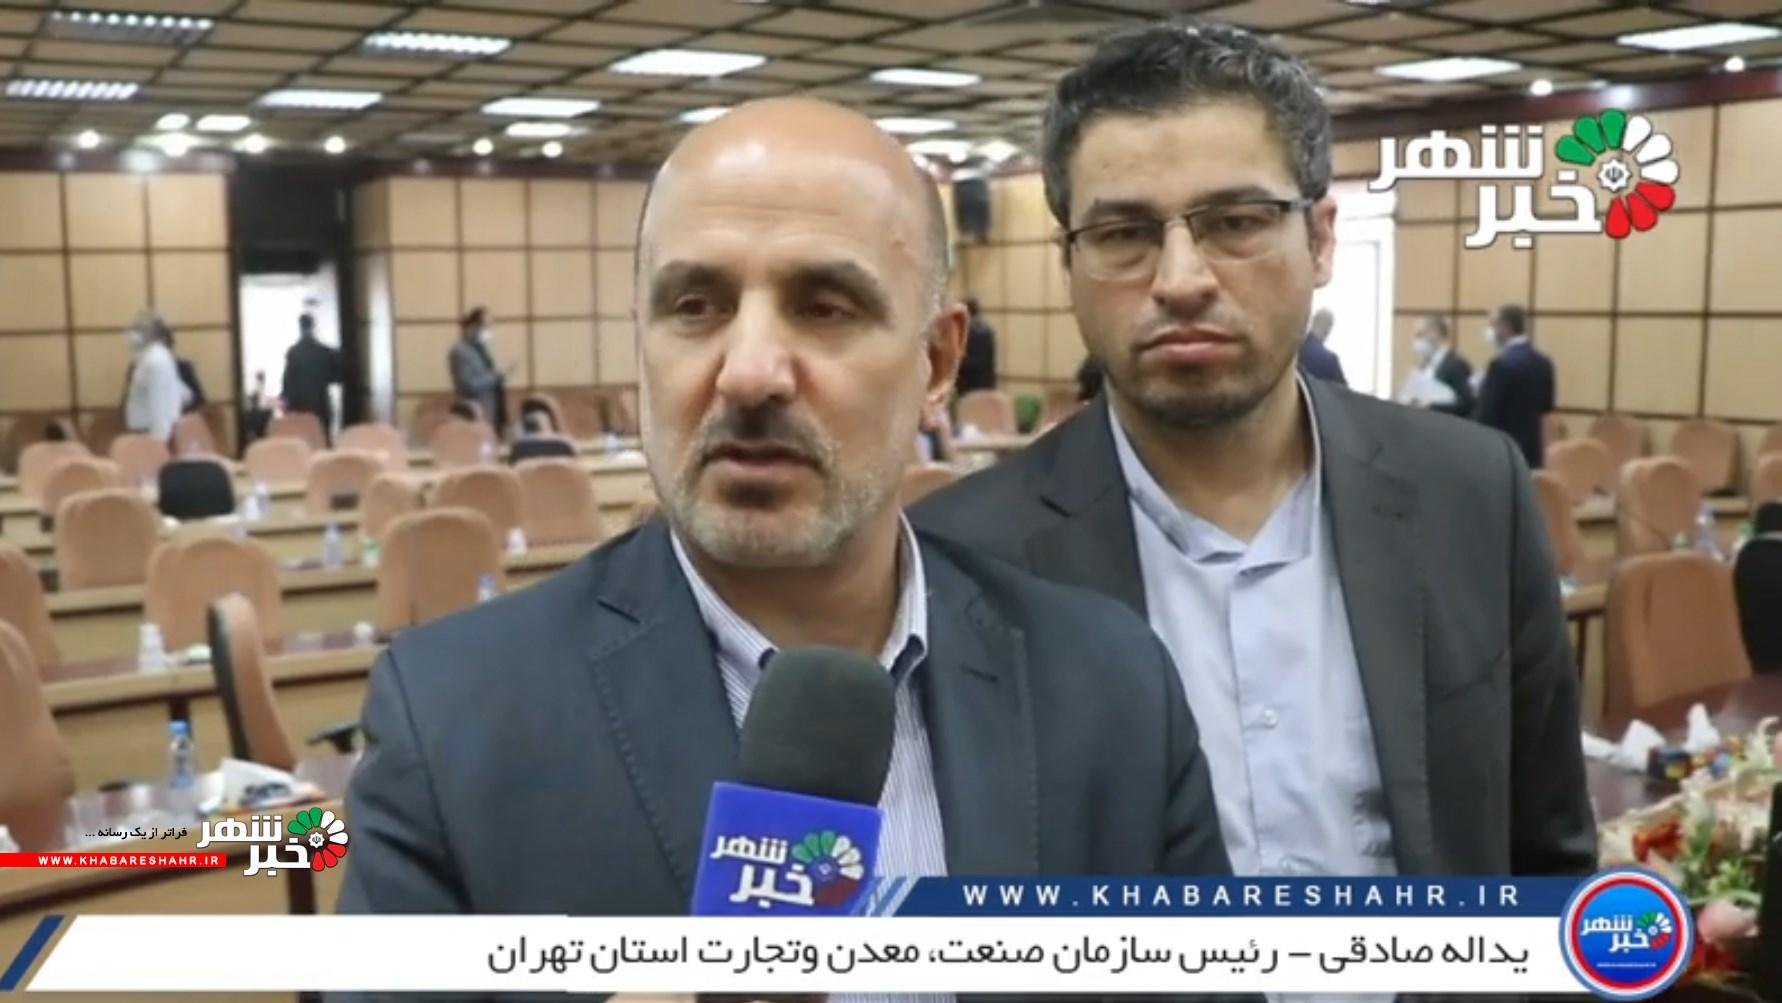 صادقی، رئیس صمت استان تهران از کارگروه رفع موانع تولید اختصاصی شهریار می گوید +فیلم